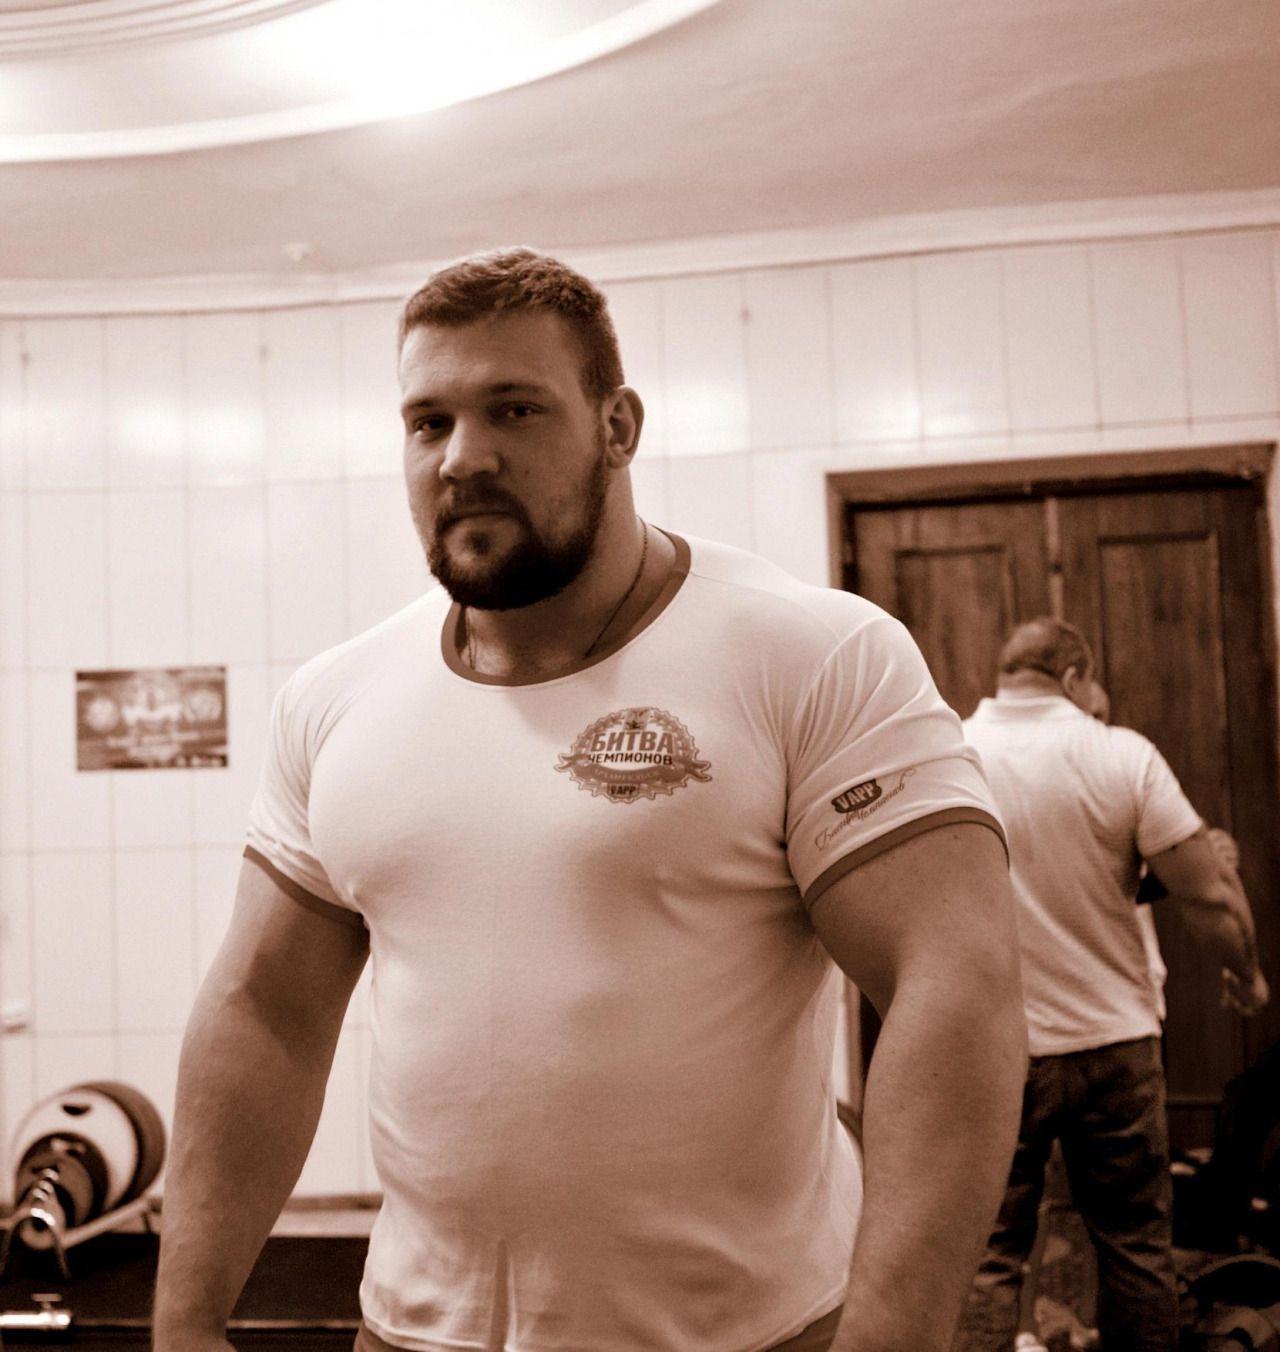 Сергей скольский: биография, рост, вес, фото бодибилдера из россии